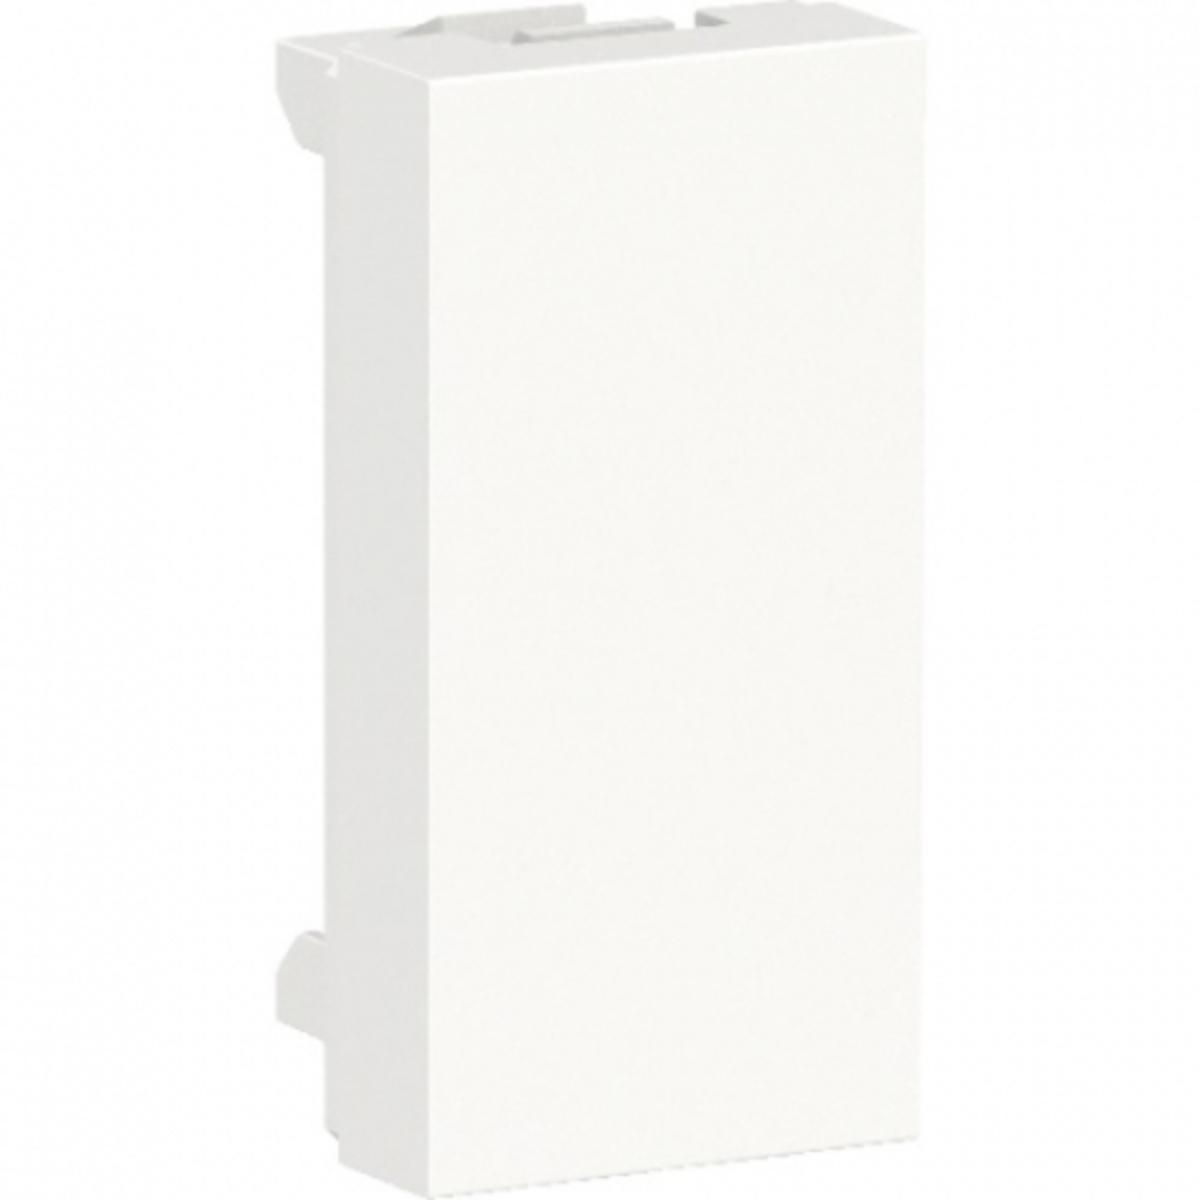 Eletriza - Eletriza Materiais Elétricos, Hidráulicos e Automação Industrial - ORION MODULO CEGO (1PC) 1M AL SCHNEIDER